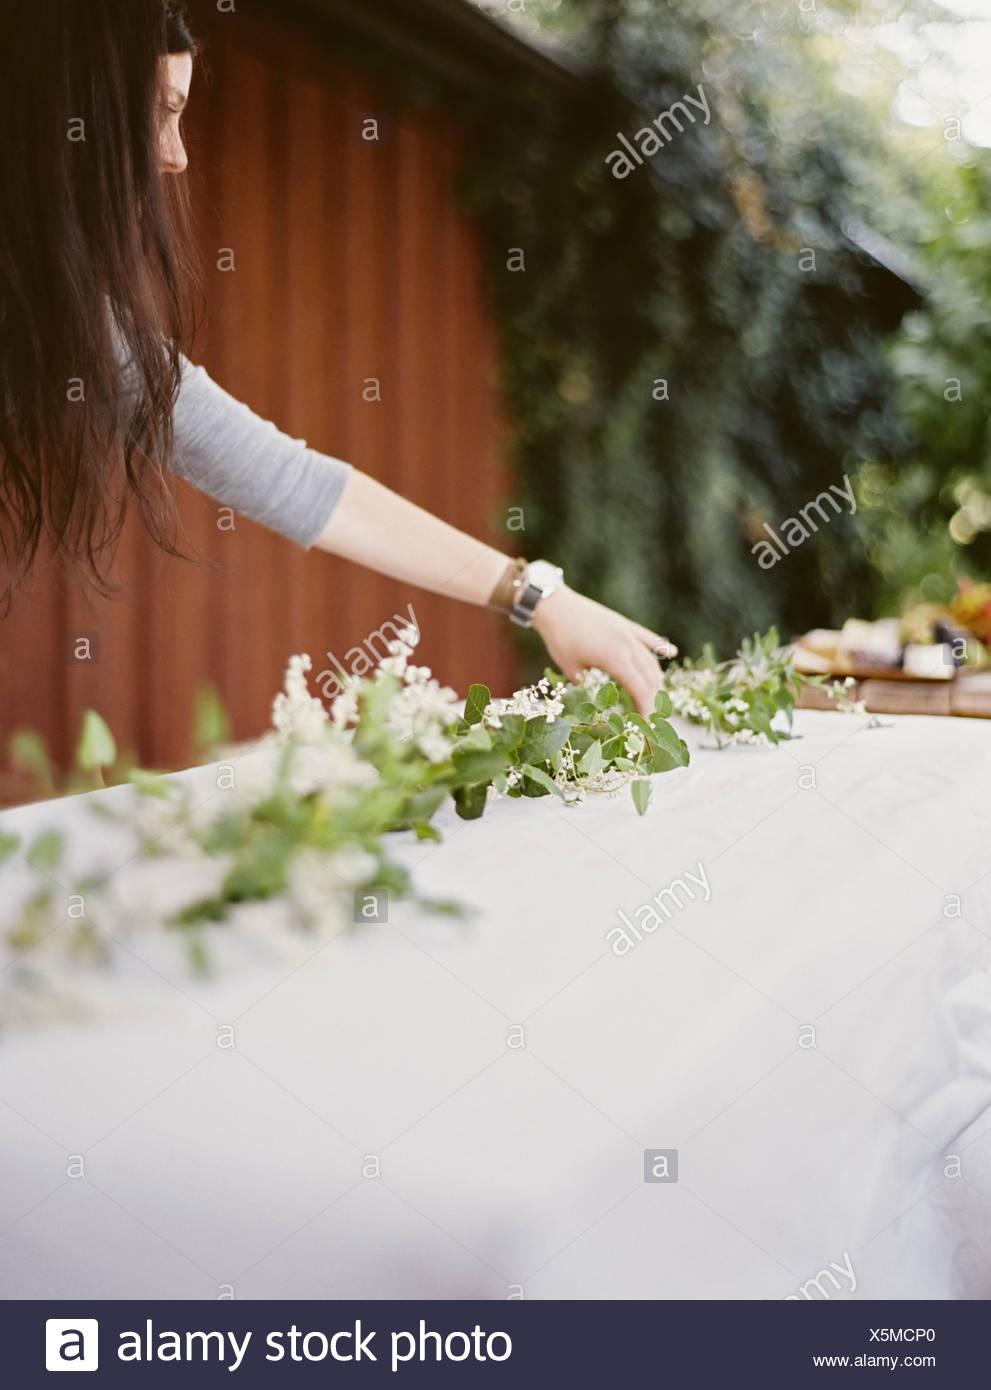 Eine Frau mit langen Haaren vom Tisch gelegt außerhalb mit einem weißen Tuch und zentrale Laub Tisch Dekoration Maßgedecke Stockbild